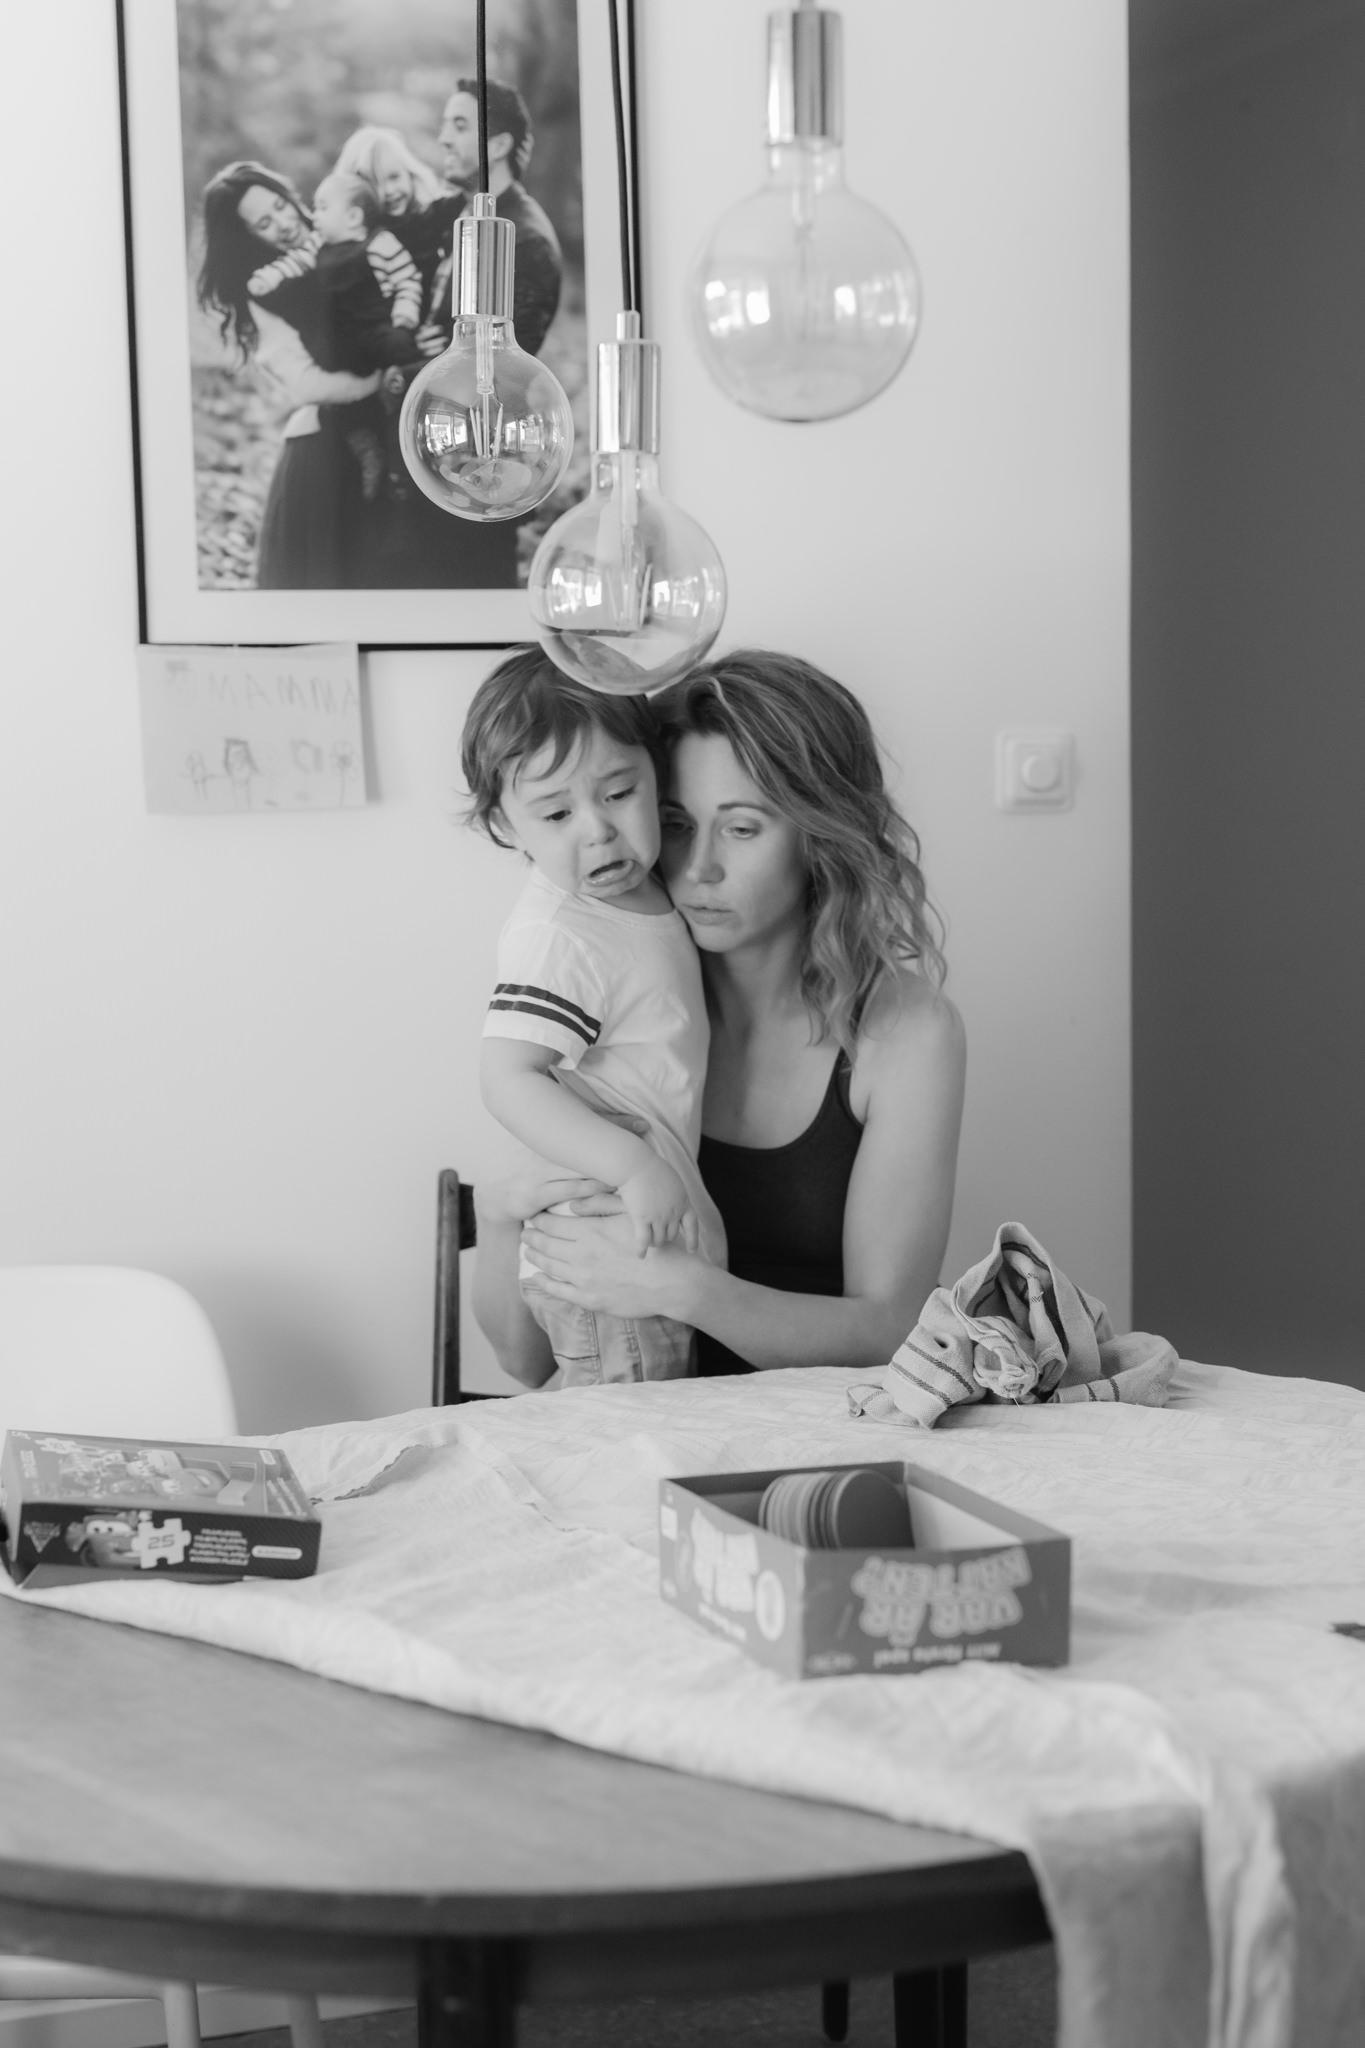 Lifestylefotografering i hemmet